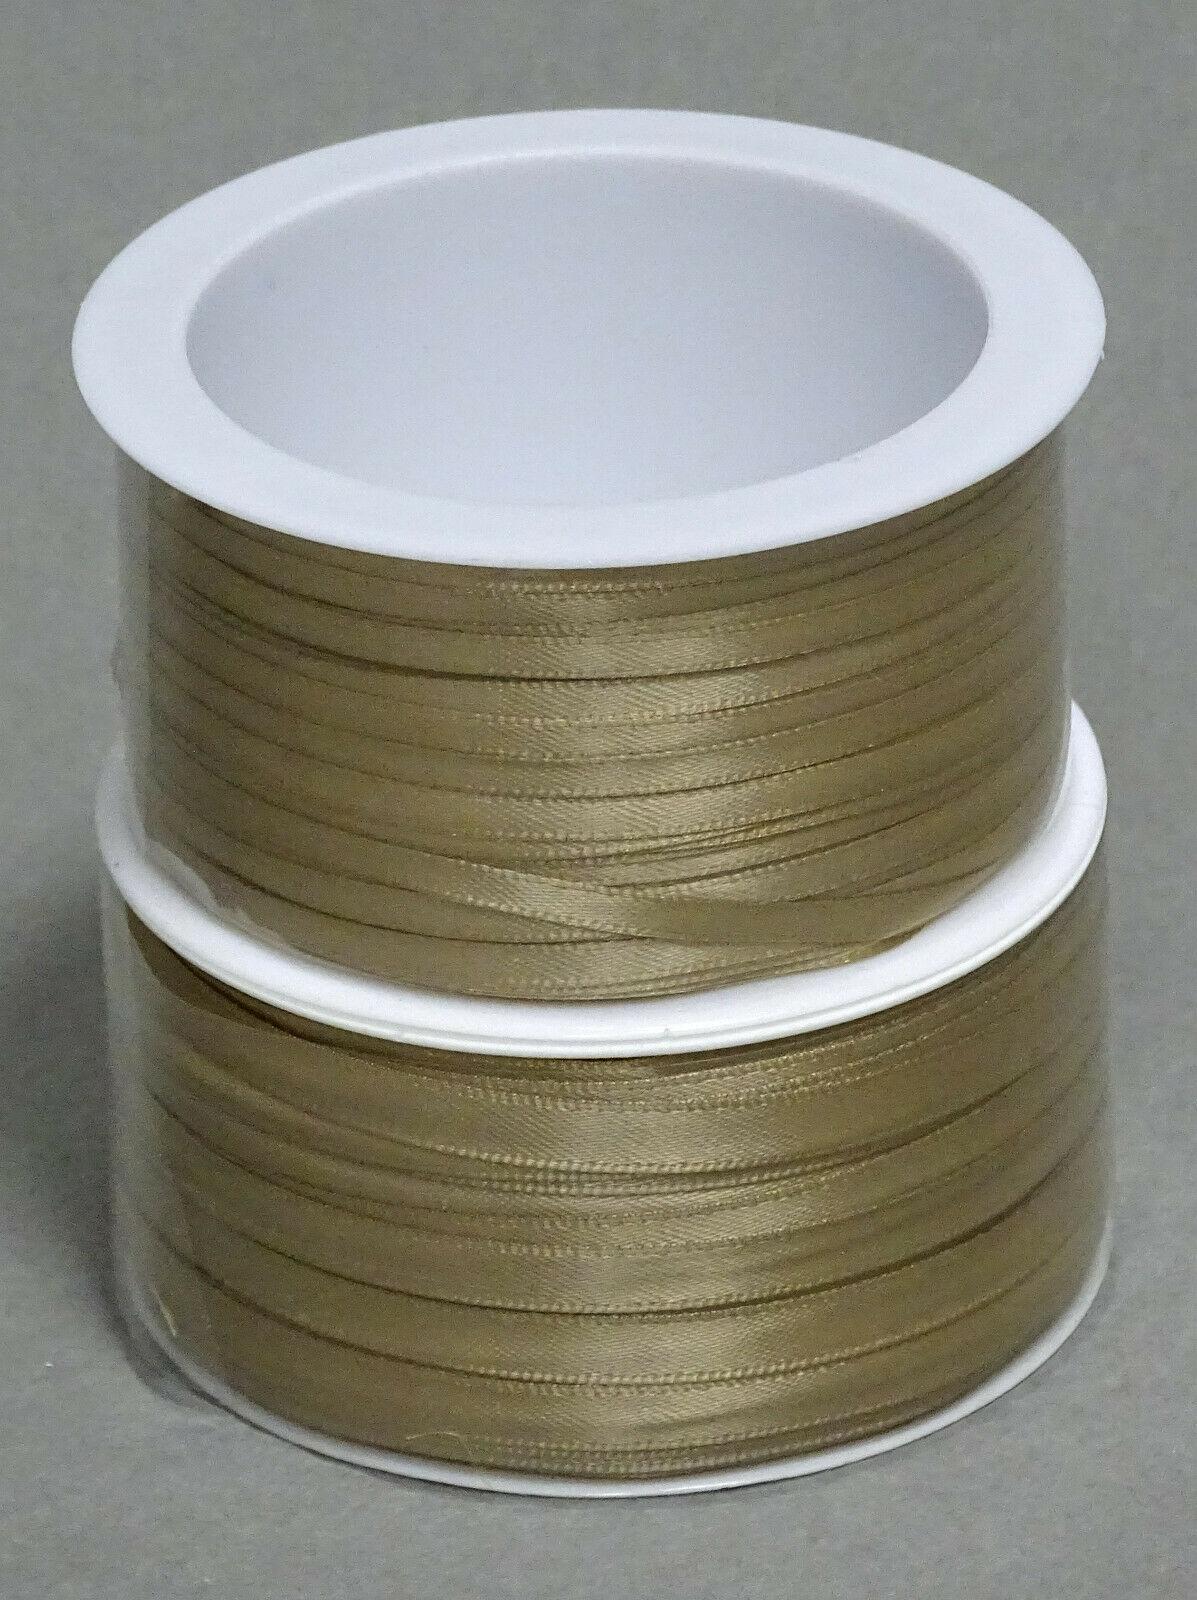 Satinband Schleifenband 50m x 3mm / 6mm Dekoband ab 0,05 €/m Geschenkband Rolle - Cappuccino105, 6 mm x 50 m